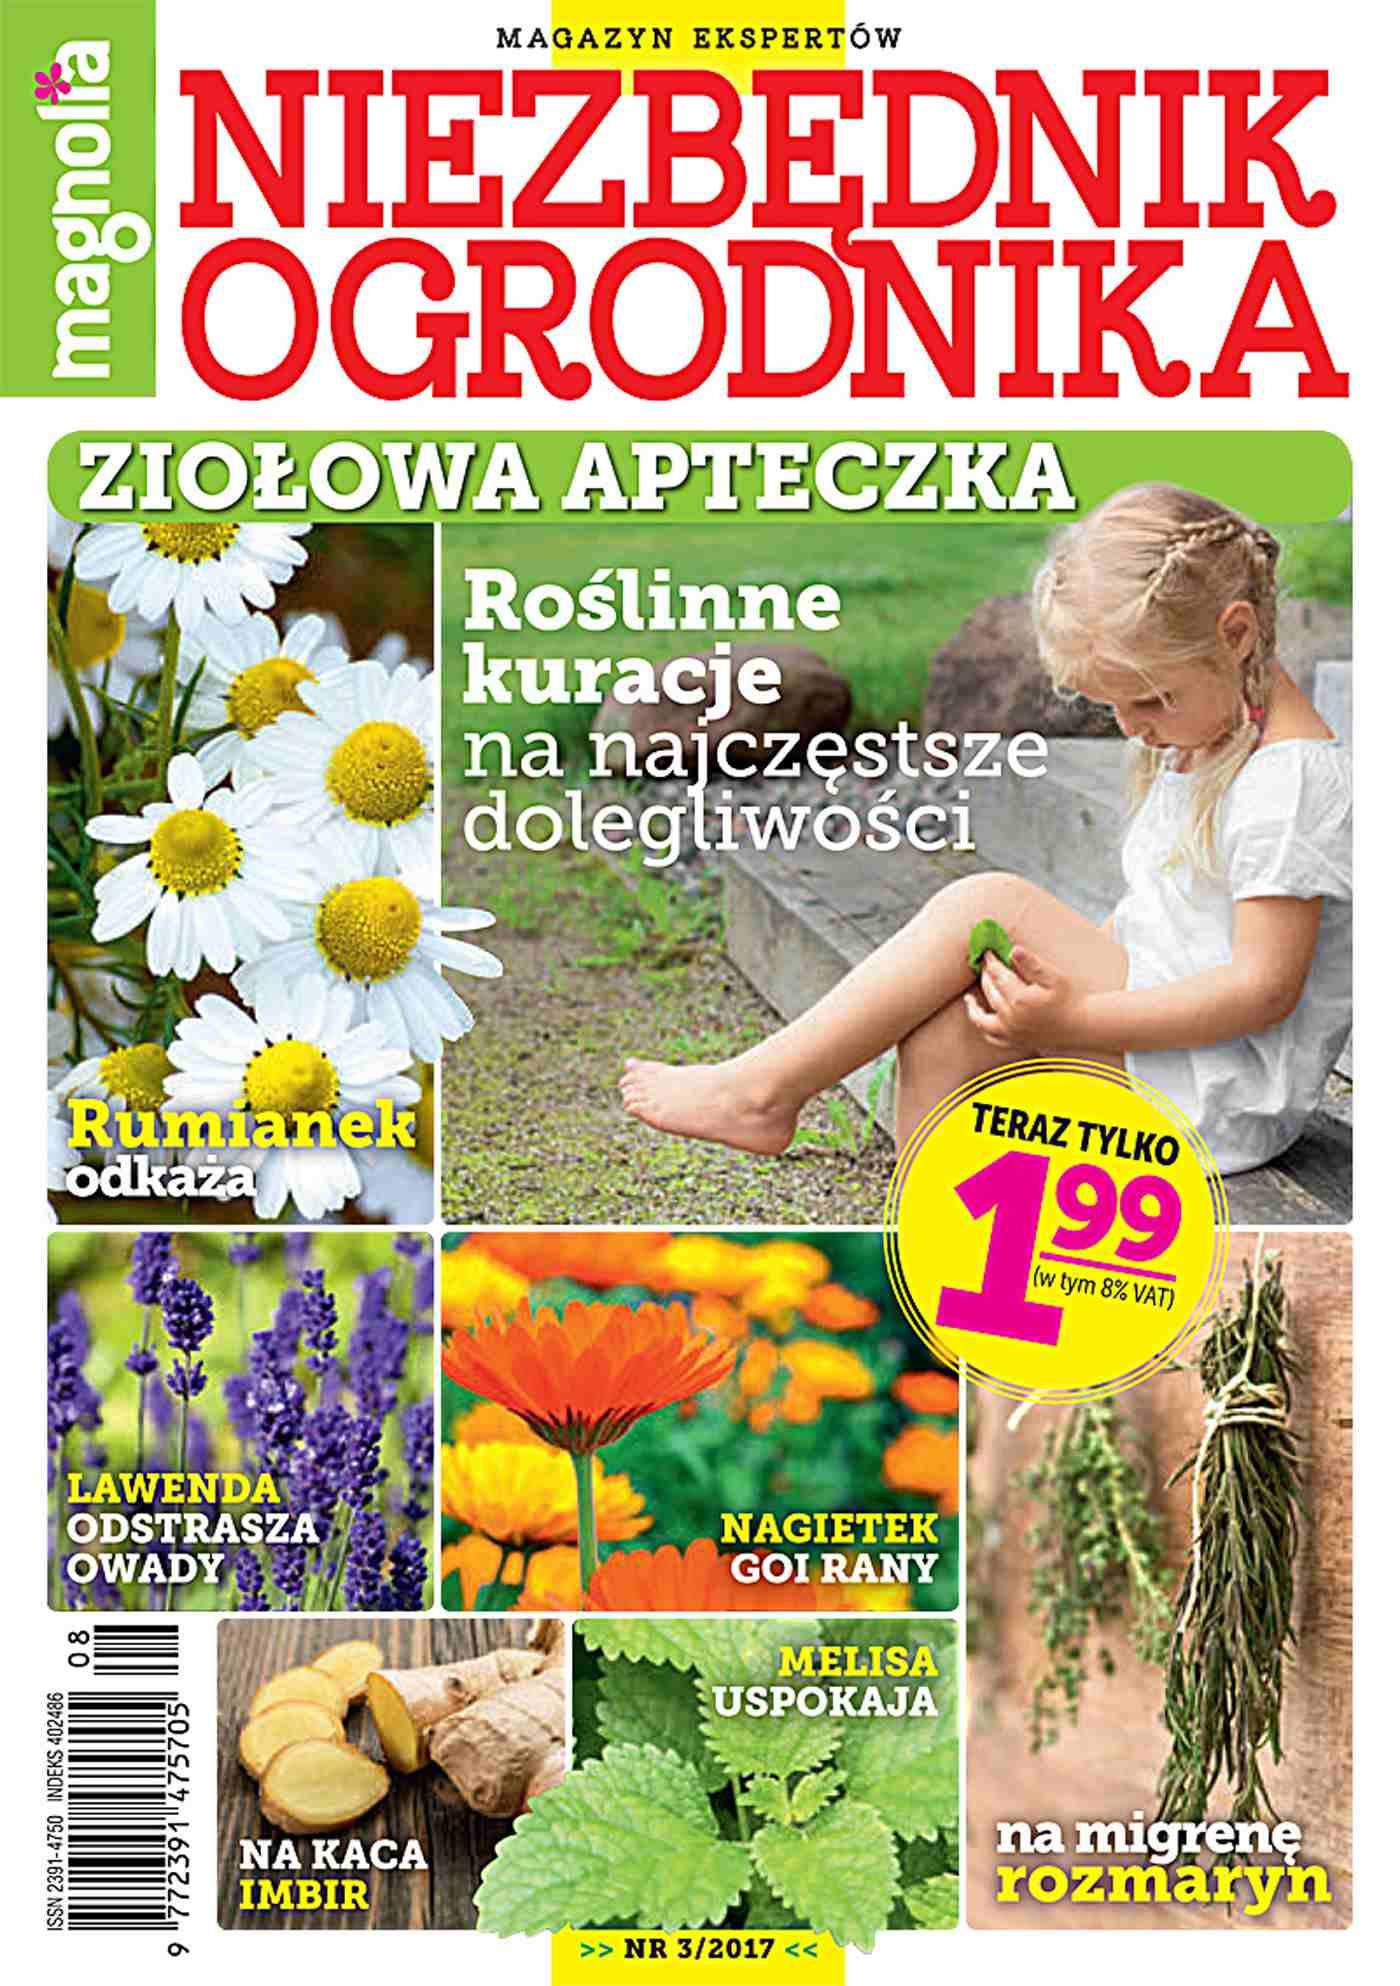 Niezbędnik Ogrodnika 3/2017 - Ebook (Książka PDF) do pobrania w formacie PDF